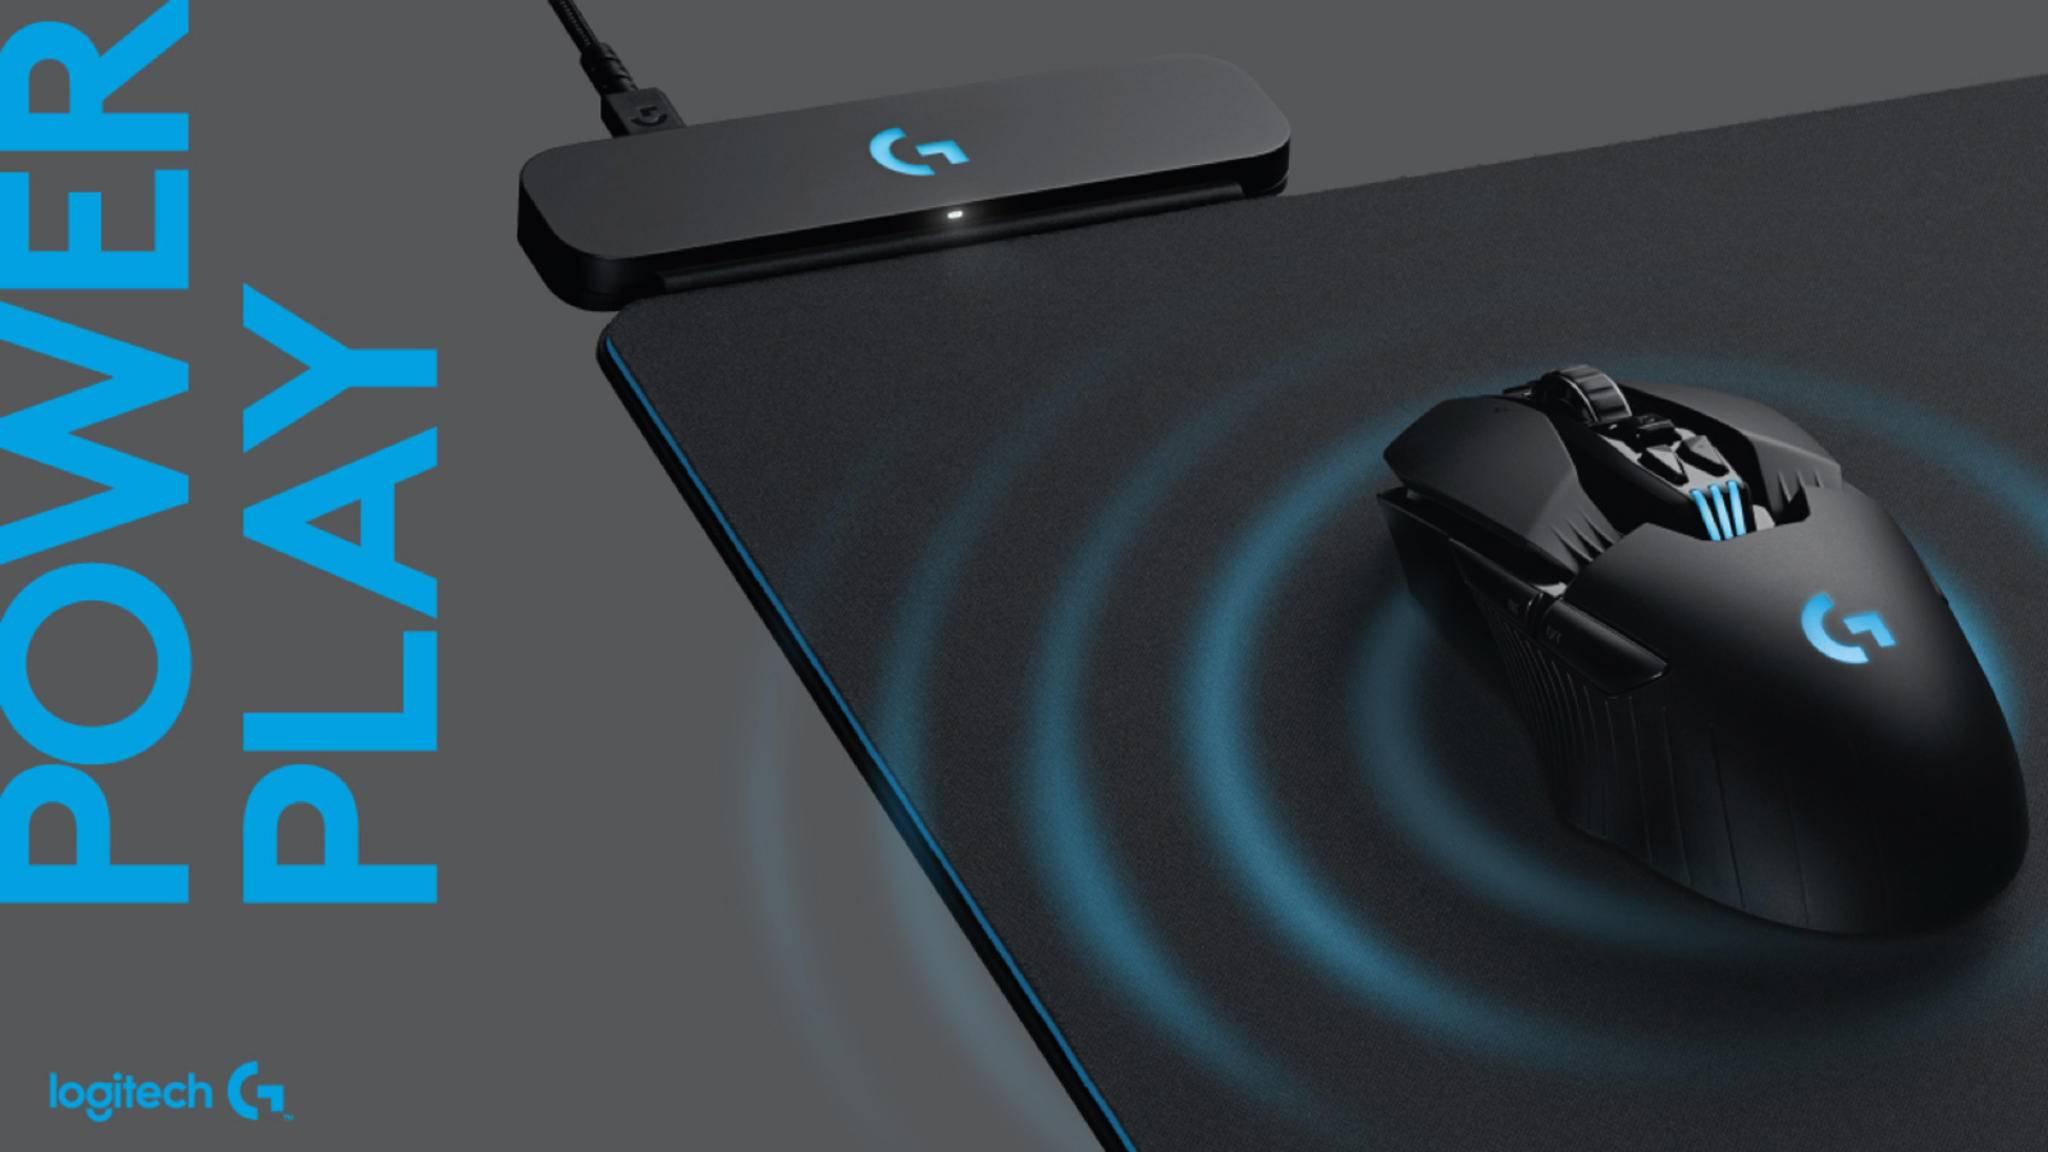 Das neue Mousepad von Logitech beherrscht das drahtlose Laden.